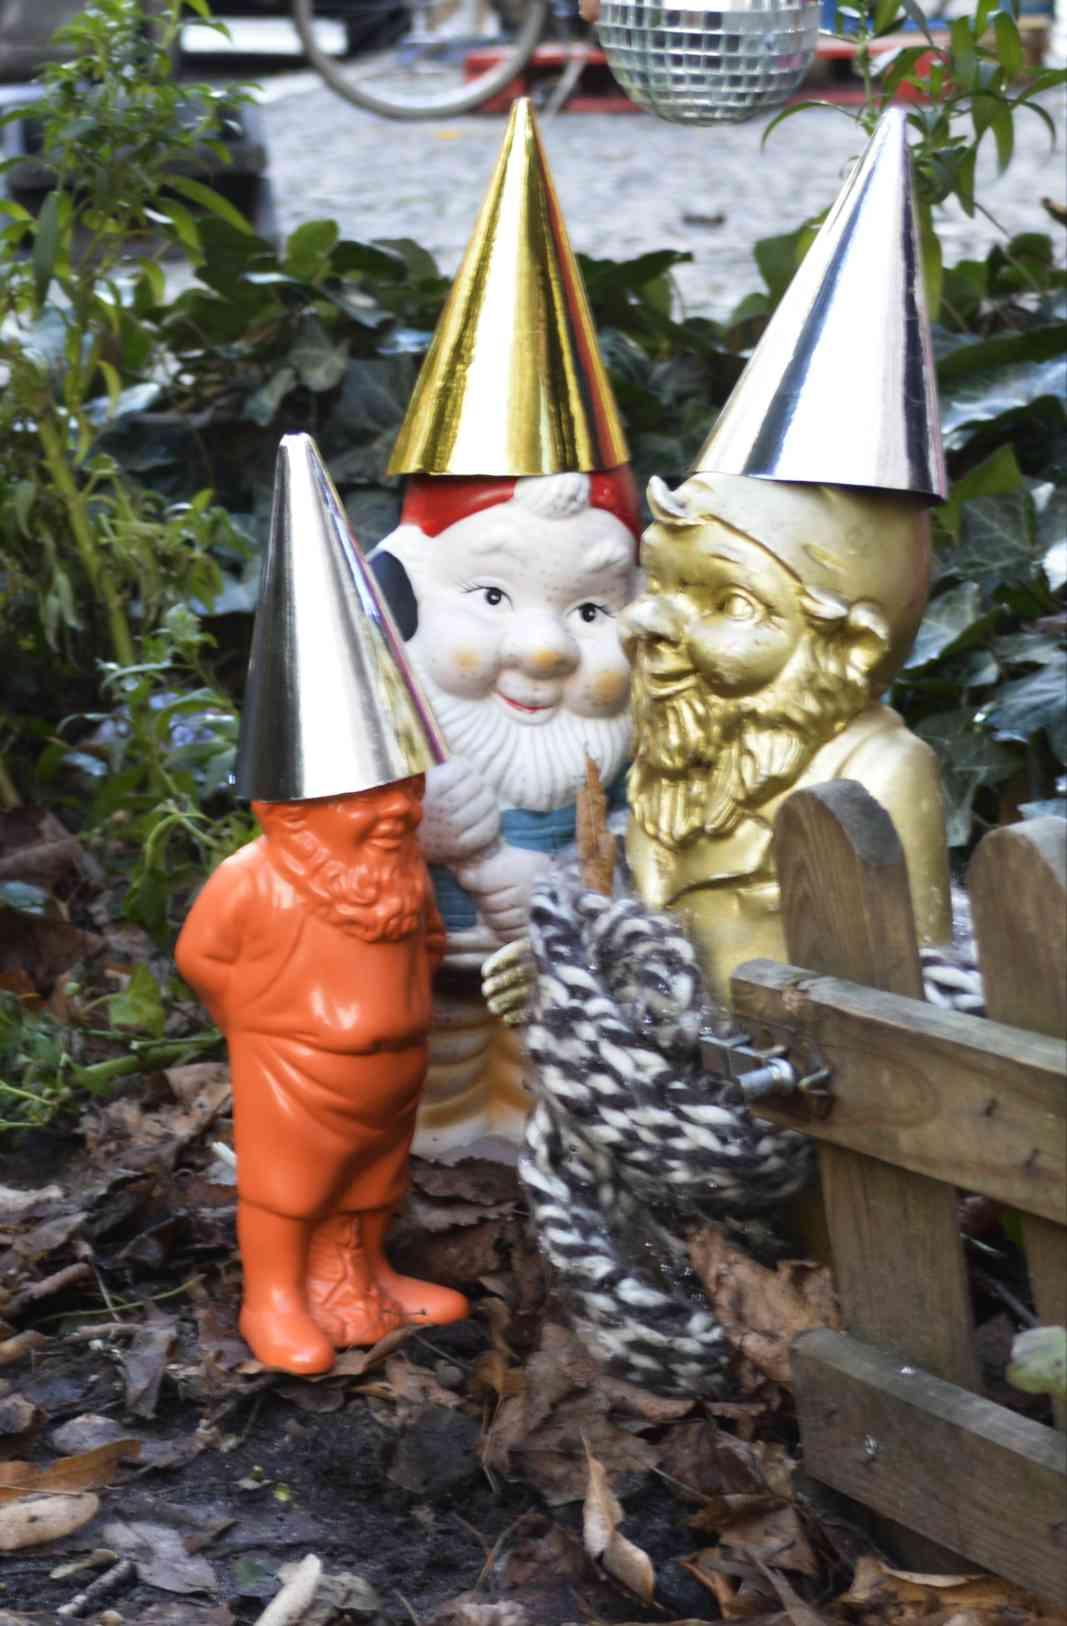 Heinrich der Gartenzwerg Berlin macht Party Gnome Zwerg